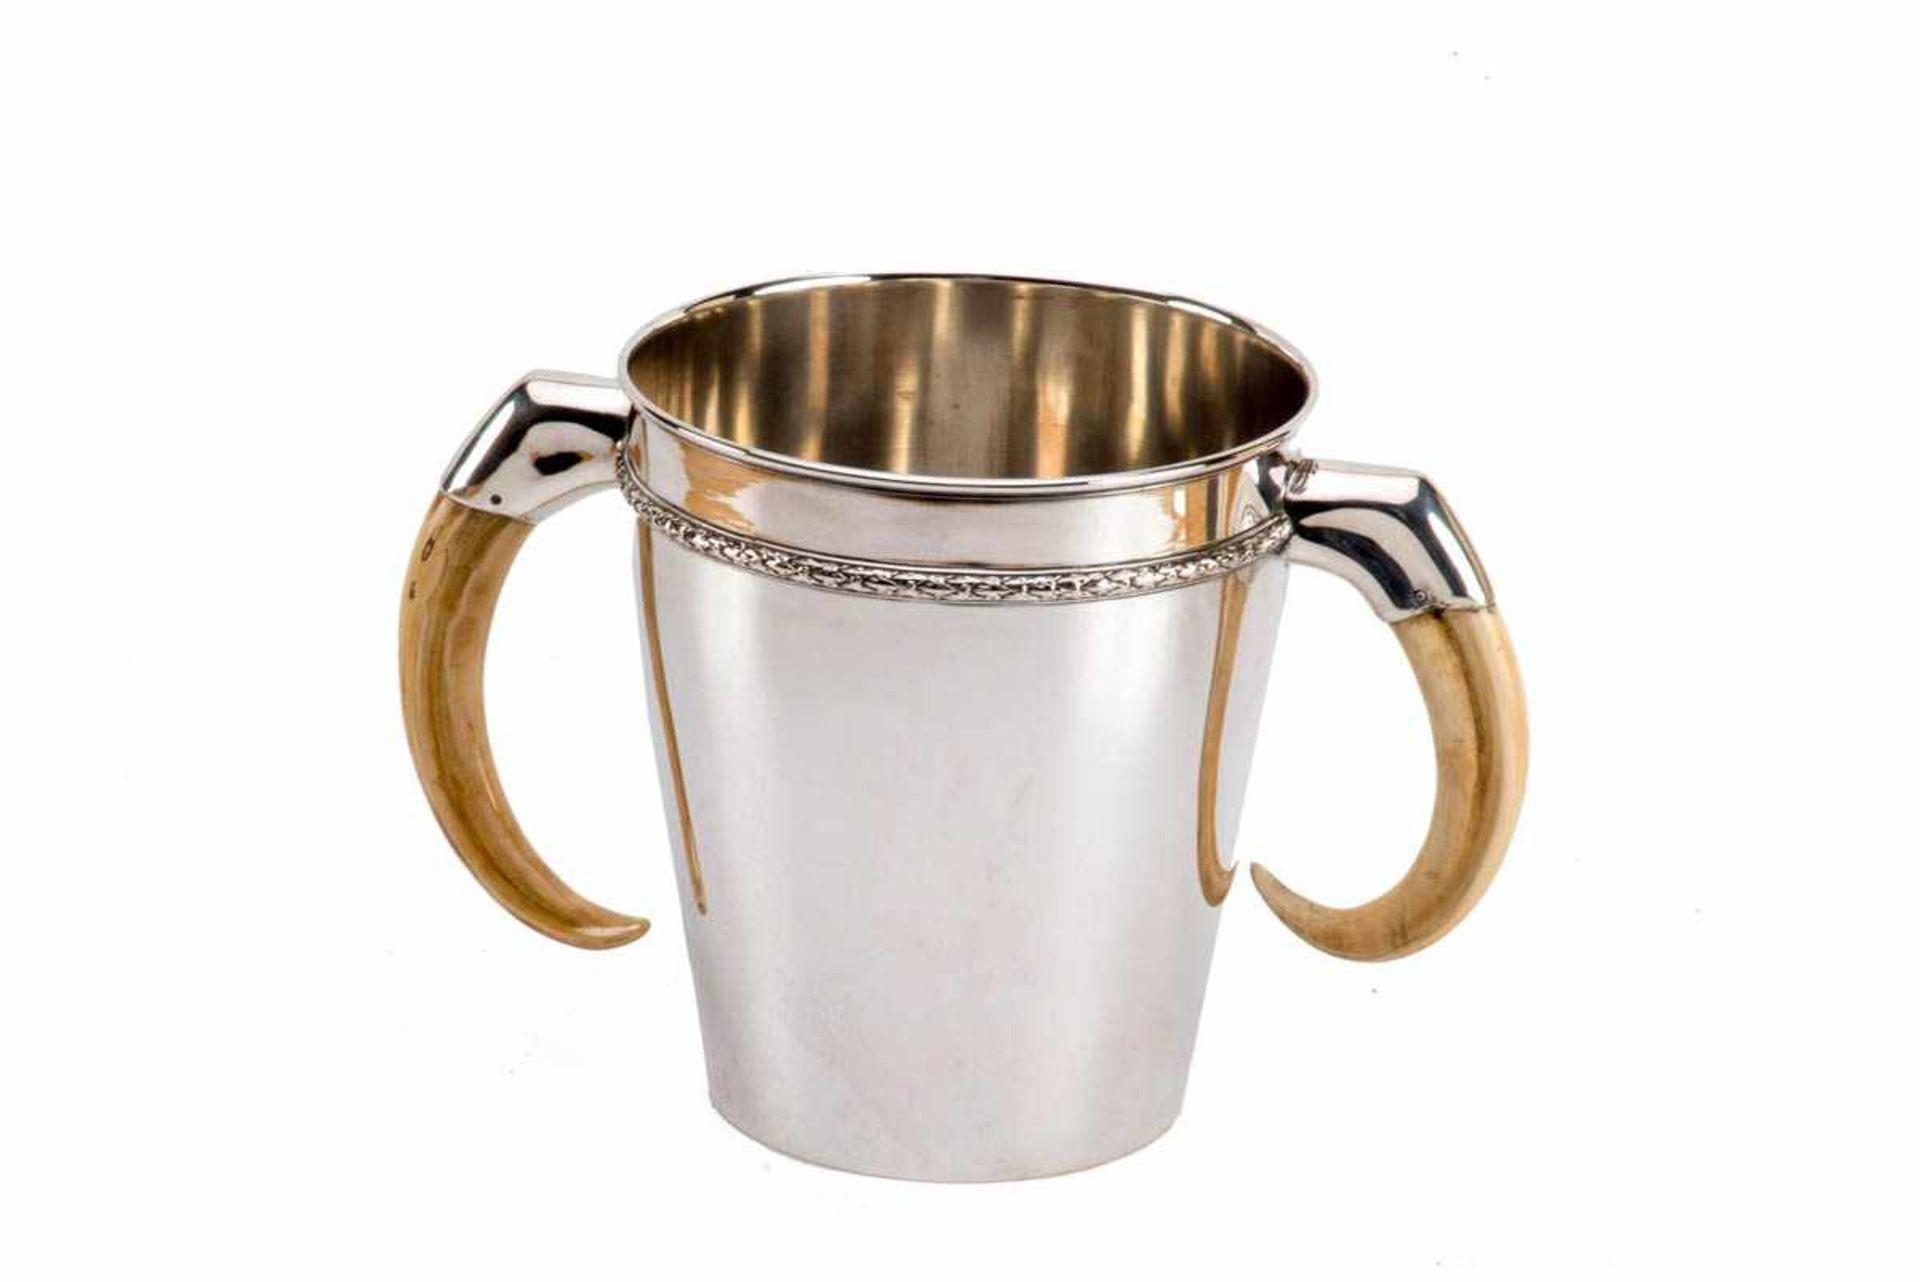 Los 18 - Sektkühler, Ohlenschlager 800er Silber, Runder schlichter sich leicht konisch erweiternder Korpus,